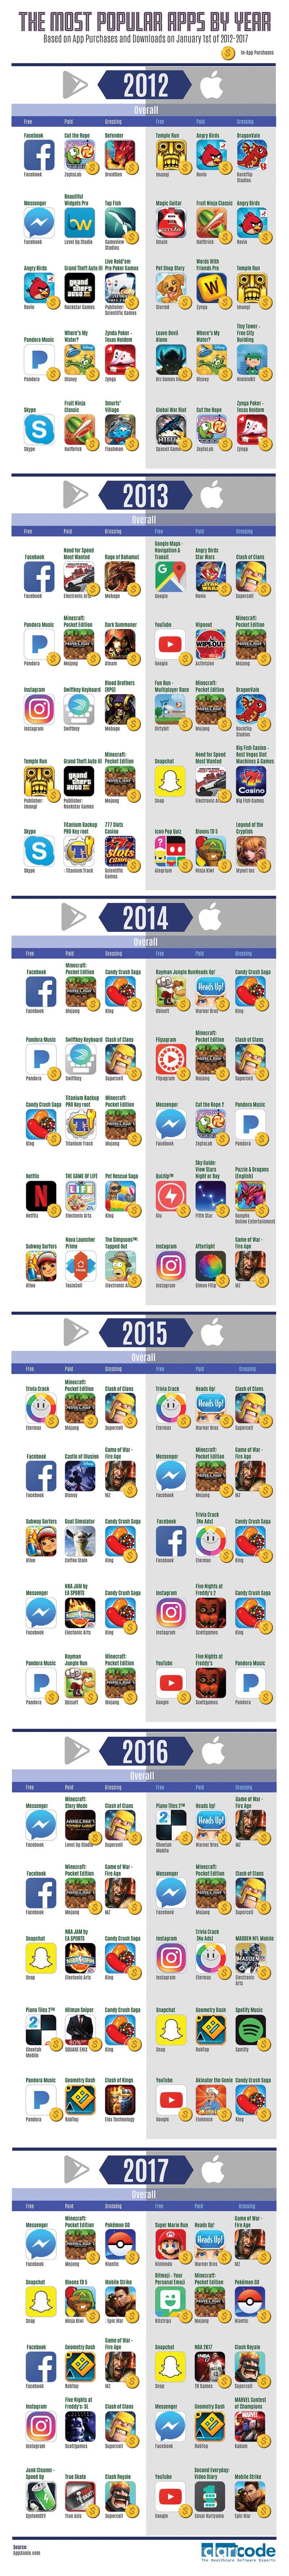 Beliebtesten Apps 2012 bis 2017 iPadBlog.de